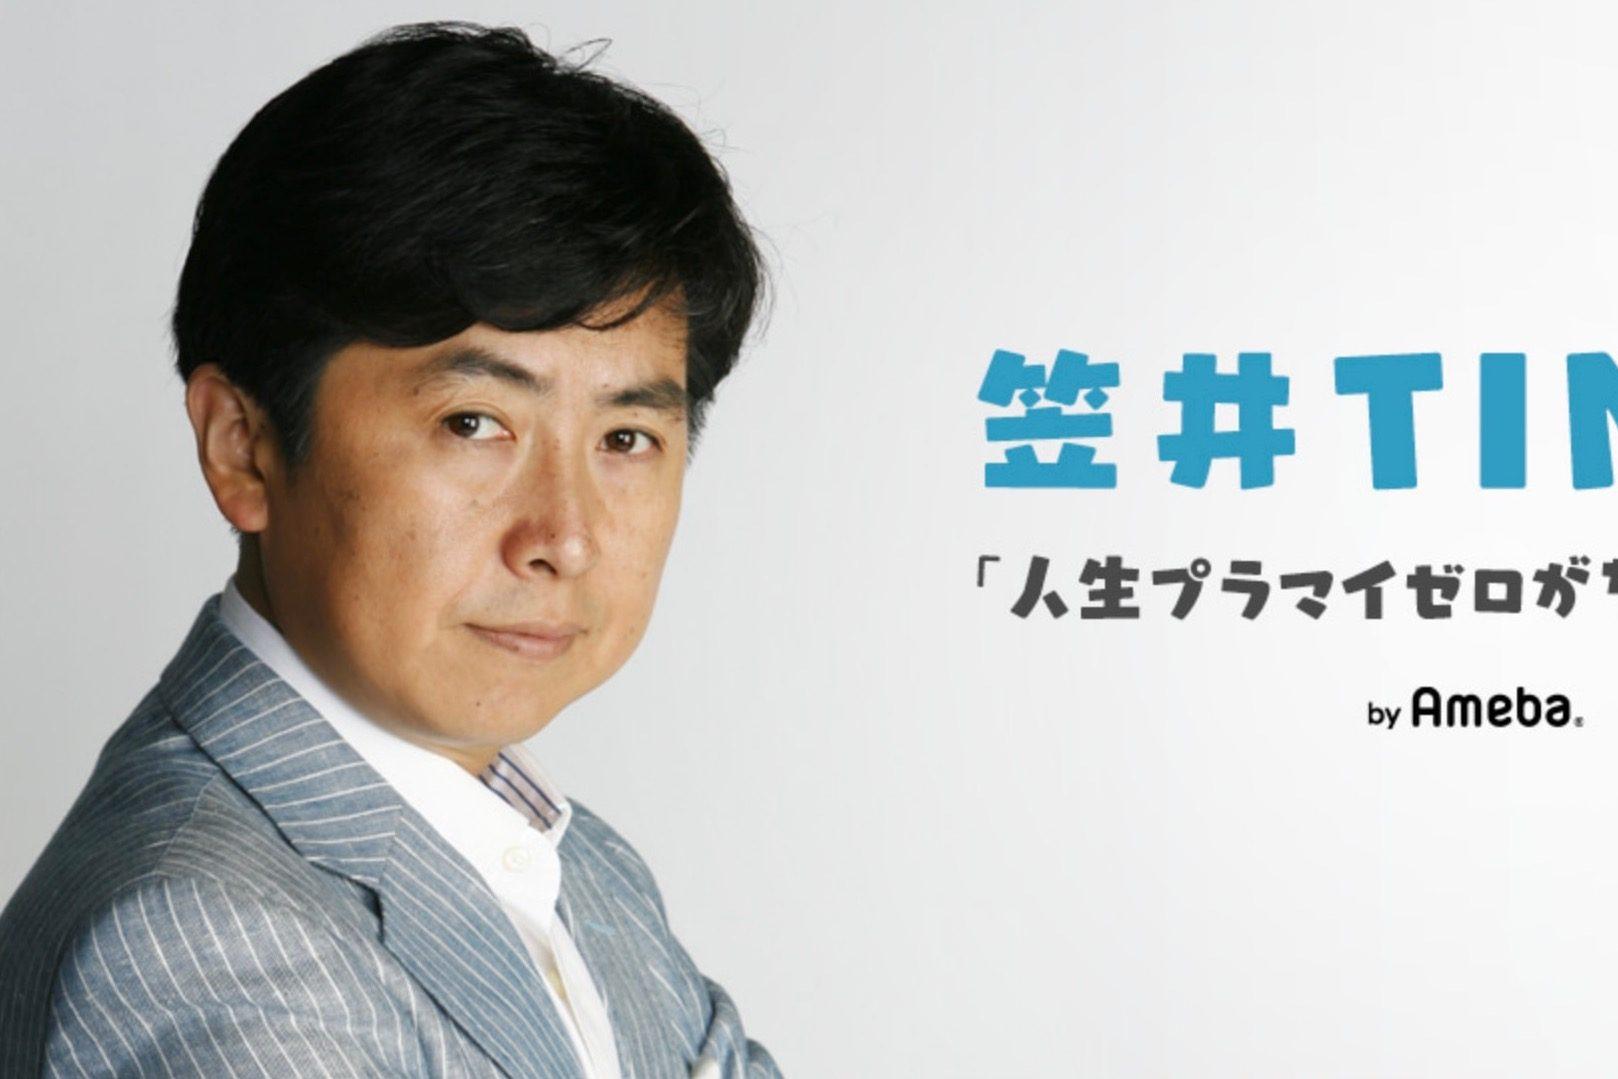 笠井 信輔 ブログ